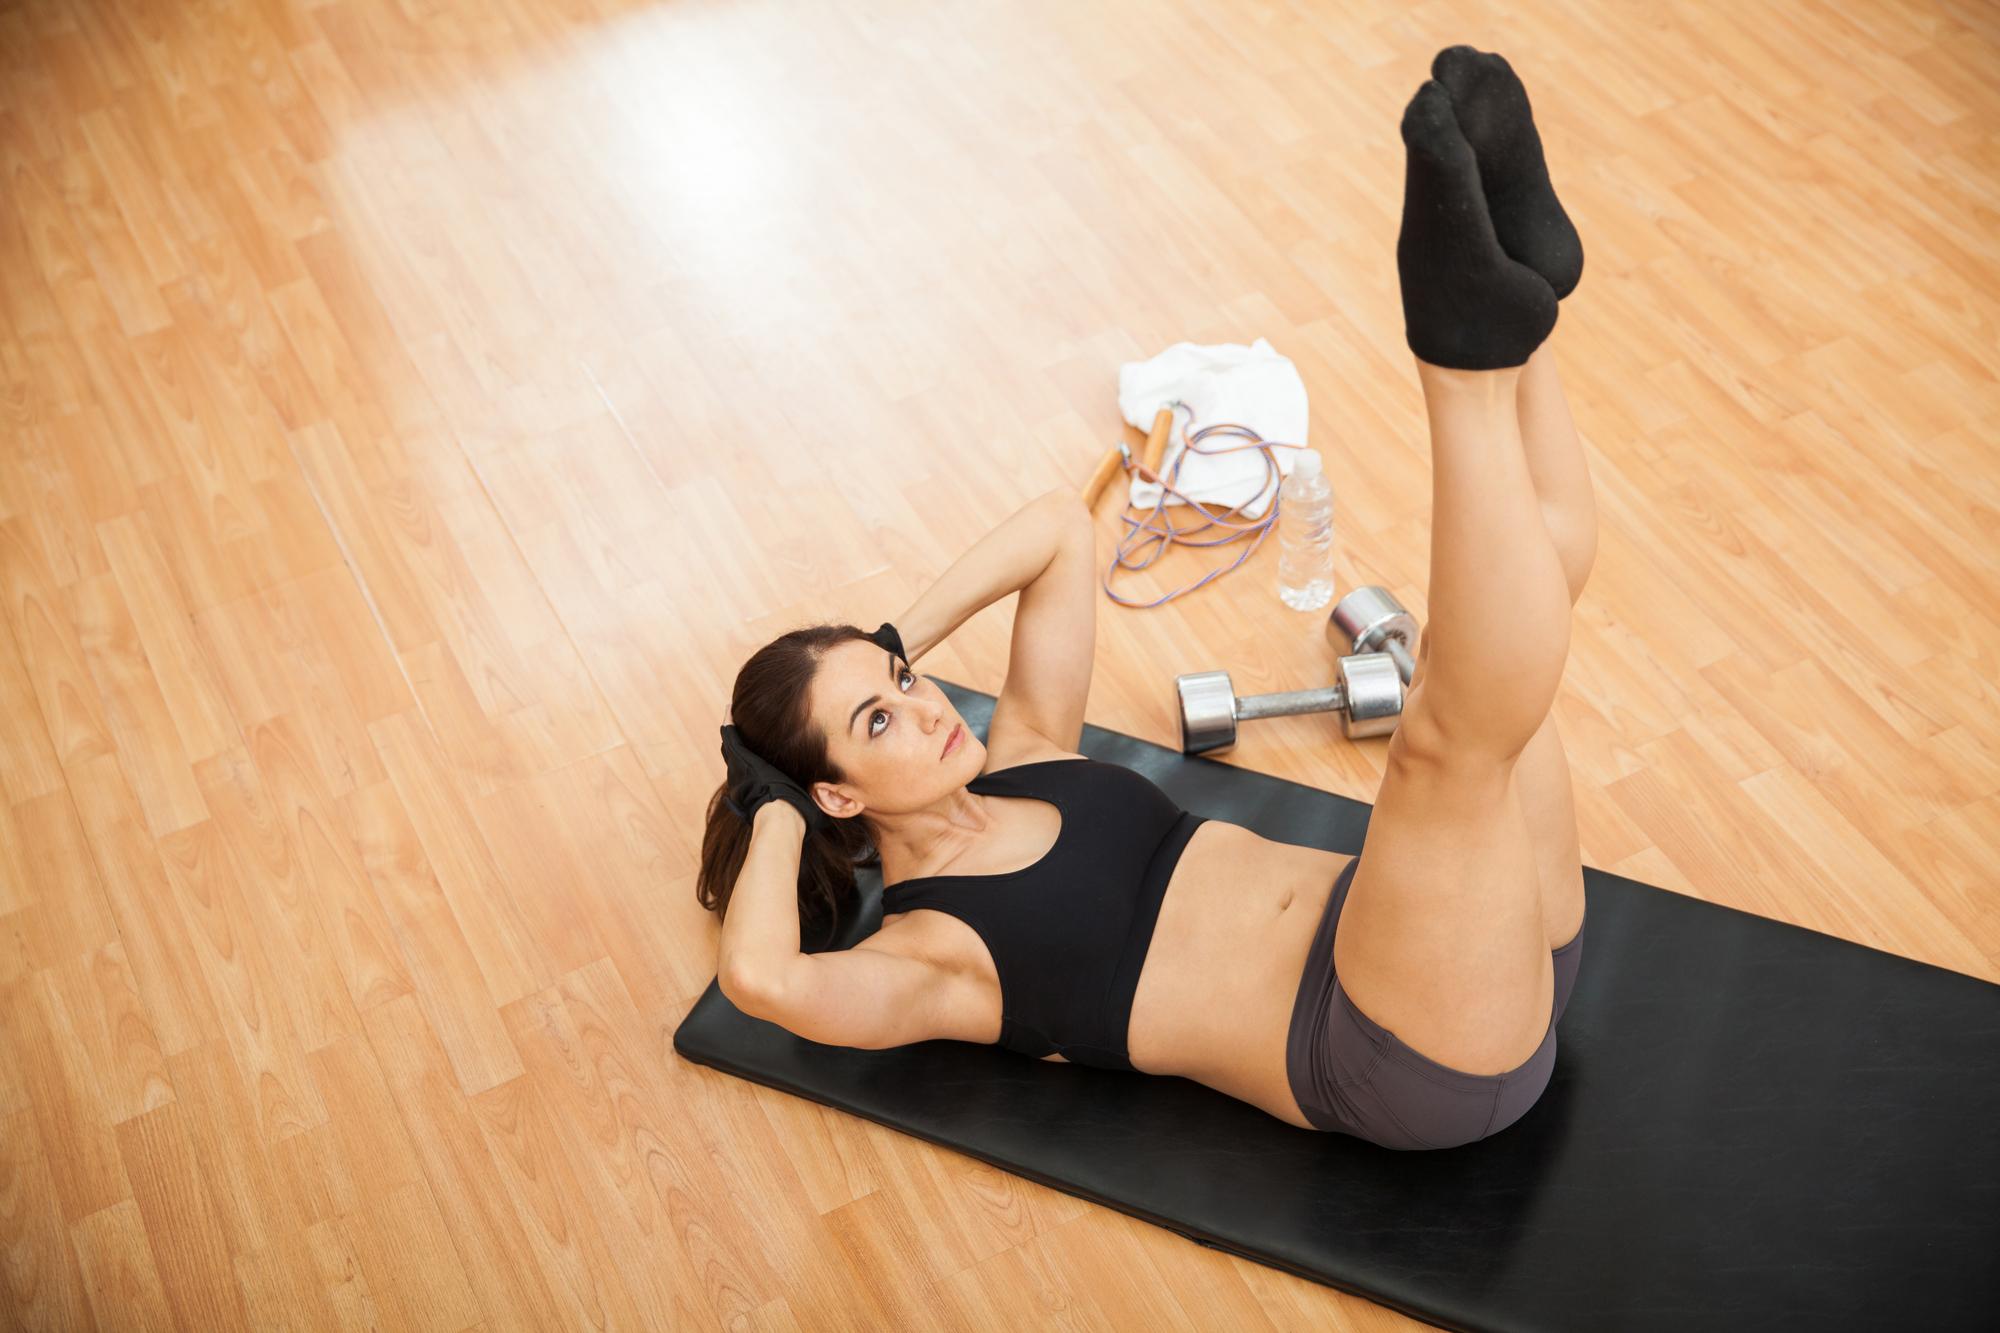 Leg raises at the gym